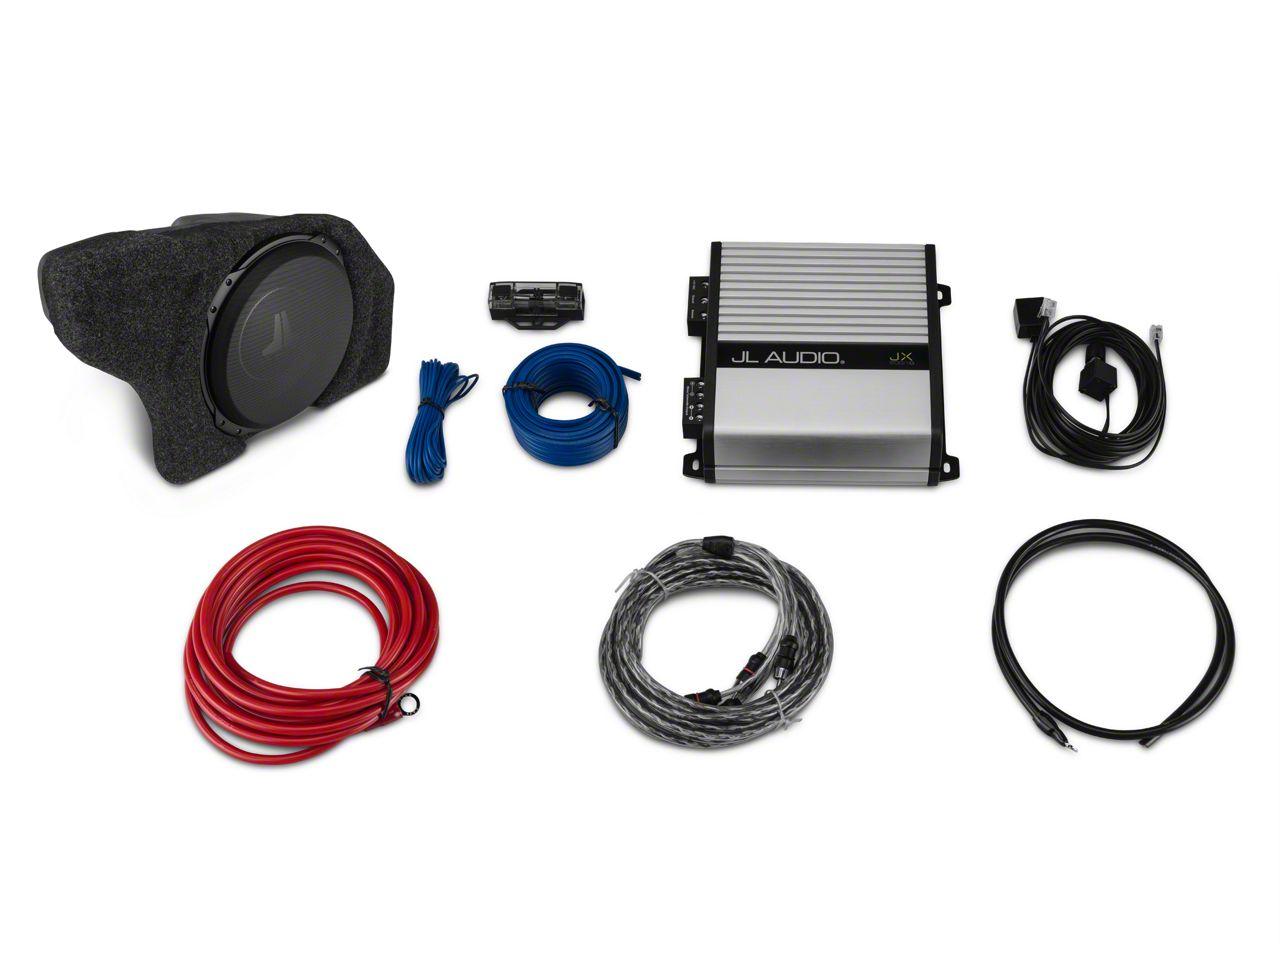 Jl Audio Subwoofer Wiring Kit